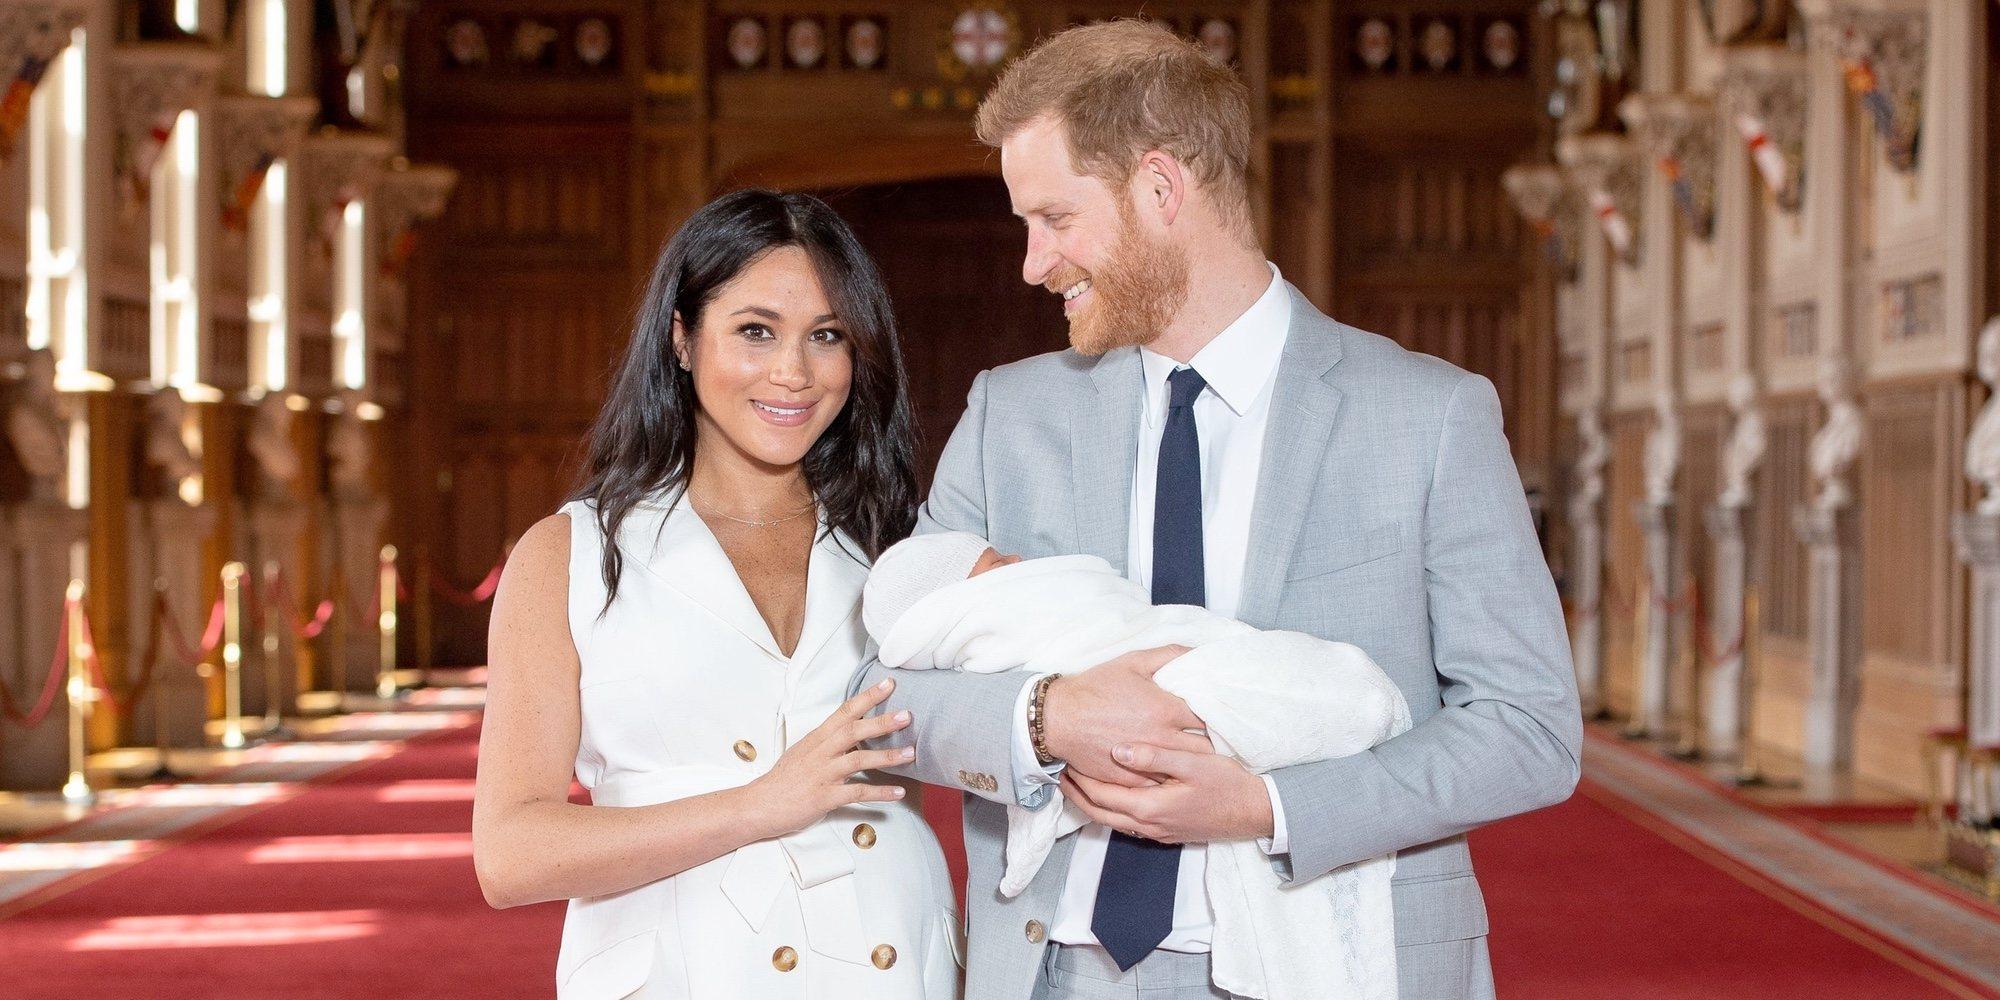 Todo lo que Harry y Meghan han querido decir con la presentación y el nombre de su hijo Archie Harrison